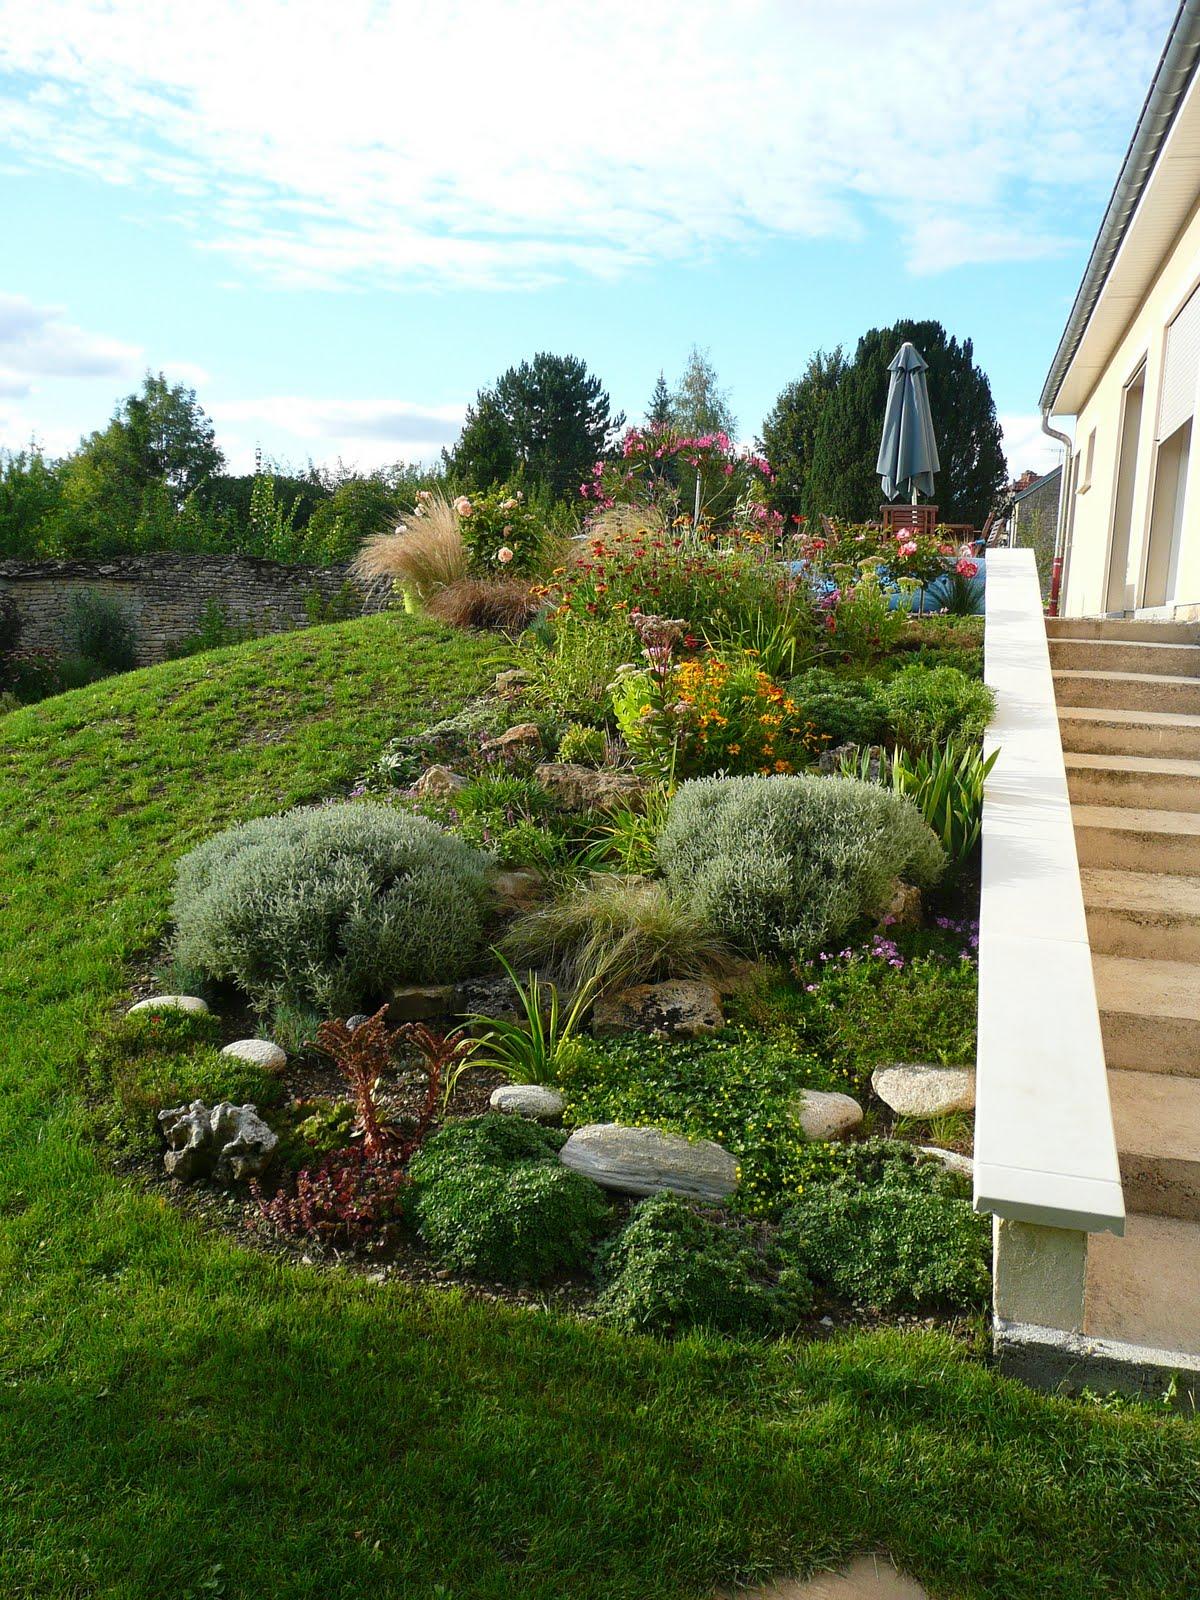 Notre jardin secret fin ao t - Jardin pente rocaille montpellier ...